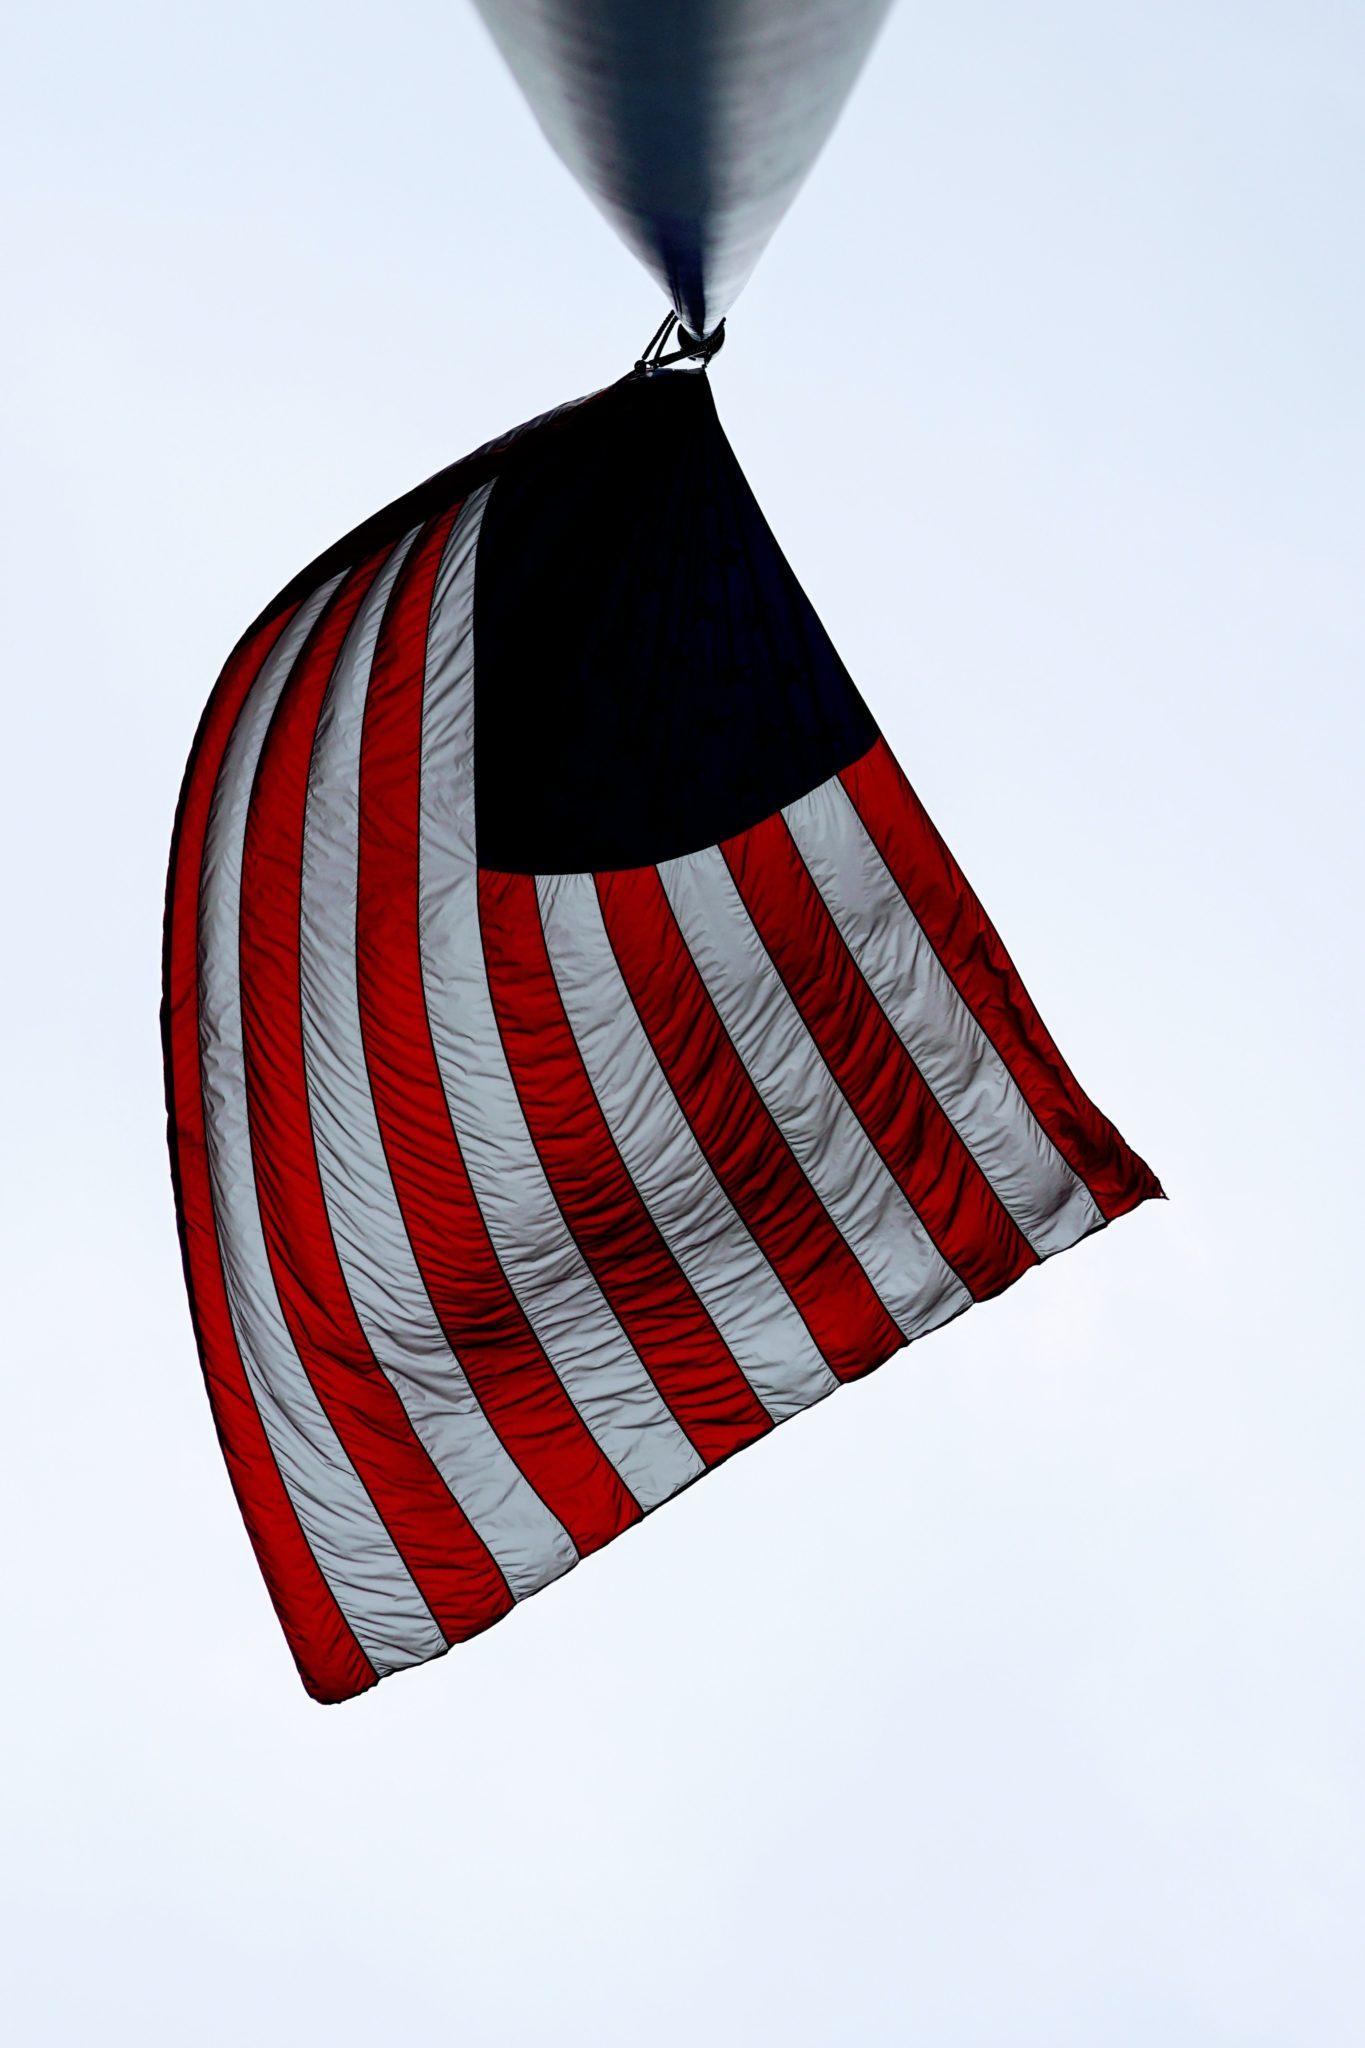 usflag_unsplash